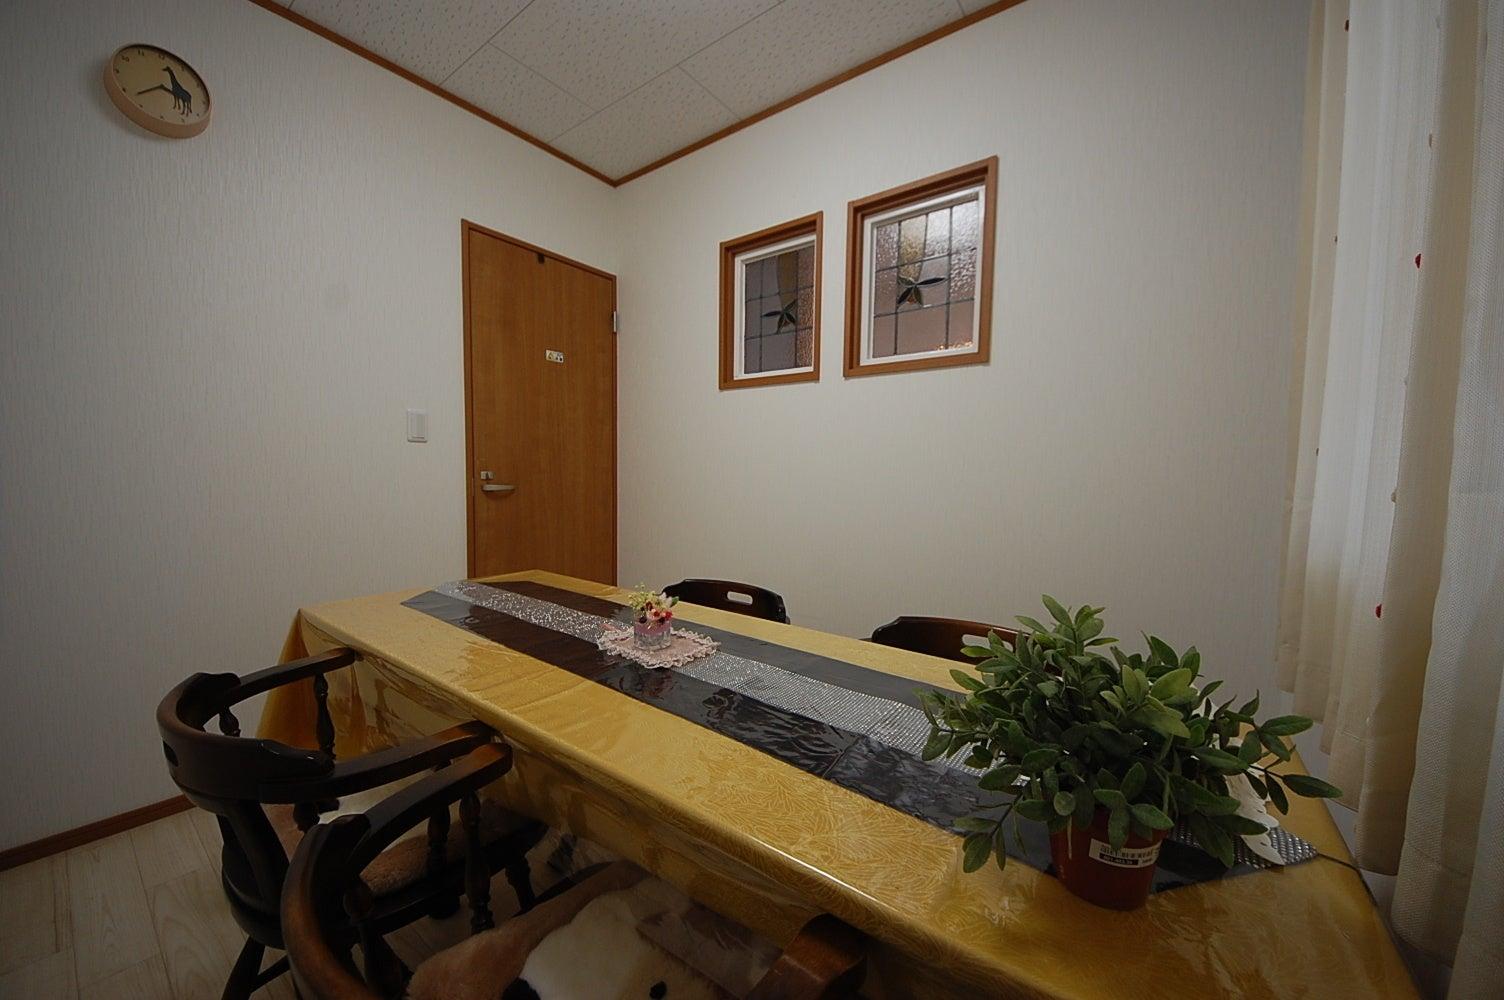 【小部屋】(収容人数4名程度)新築オープン!レンタルサロン美明日 会議・面接・女子会などに! の写真